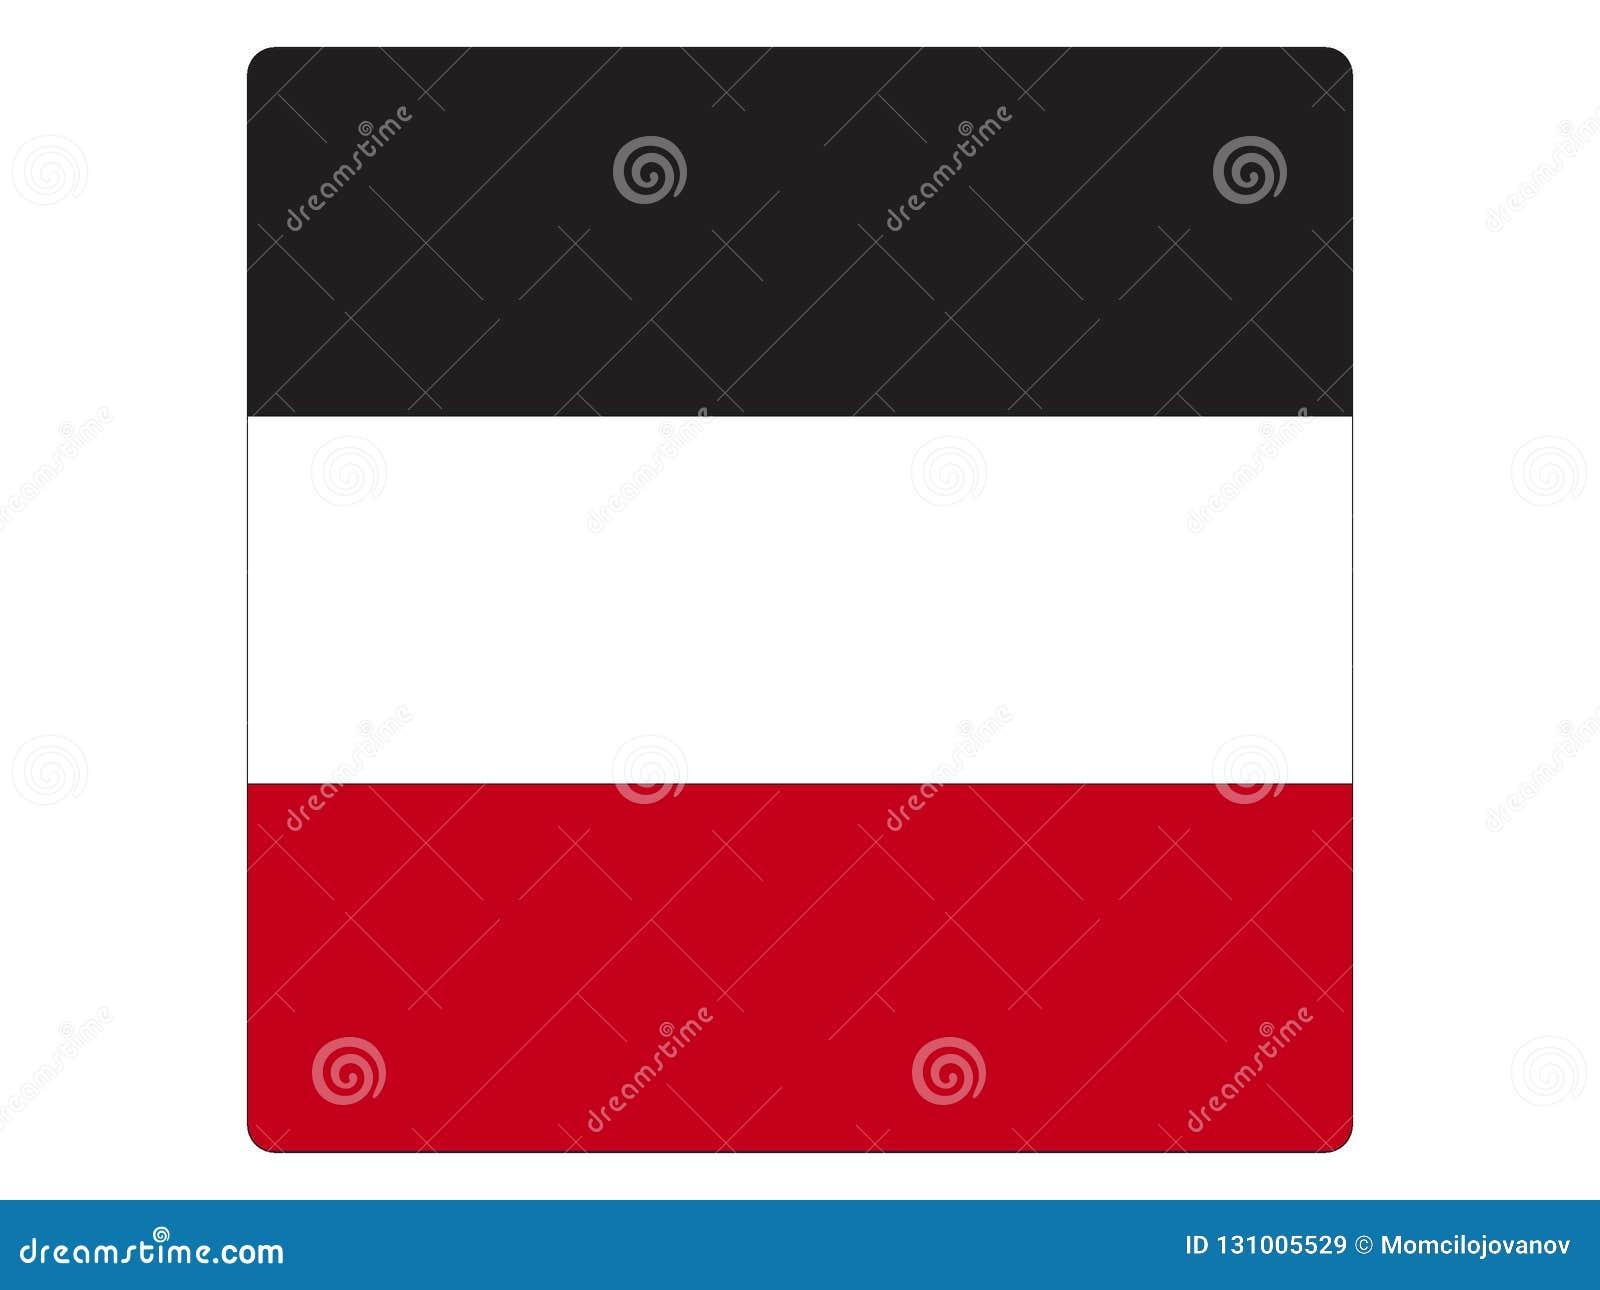 德意志帝国的方形的旗子